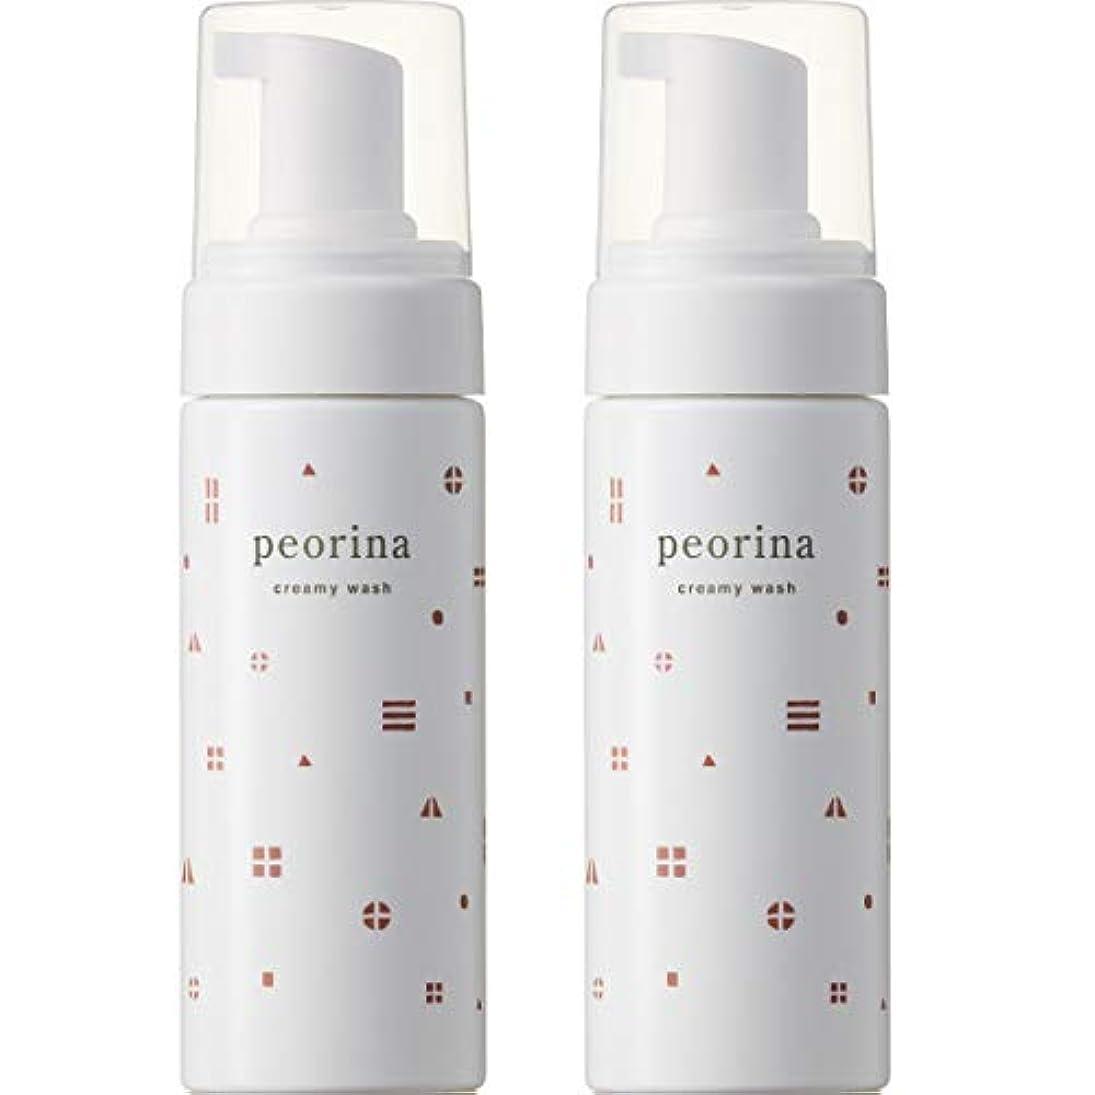 内側翻訳割り込みピオリナ クリーミーウォッシュ 2個セット 泡洗顔料 スキンケア 美肌 高保湿 セラミド 乾燥肌 敏感肌 ニキビ 赤ら顔 ヒト型セラミド